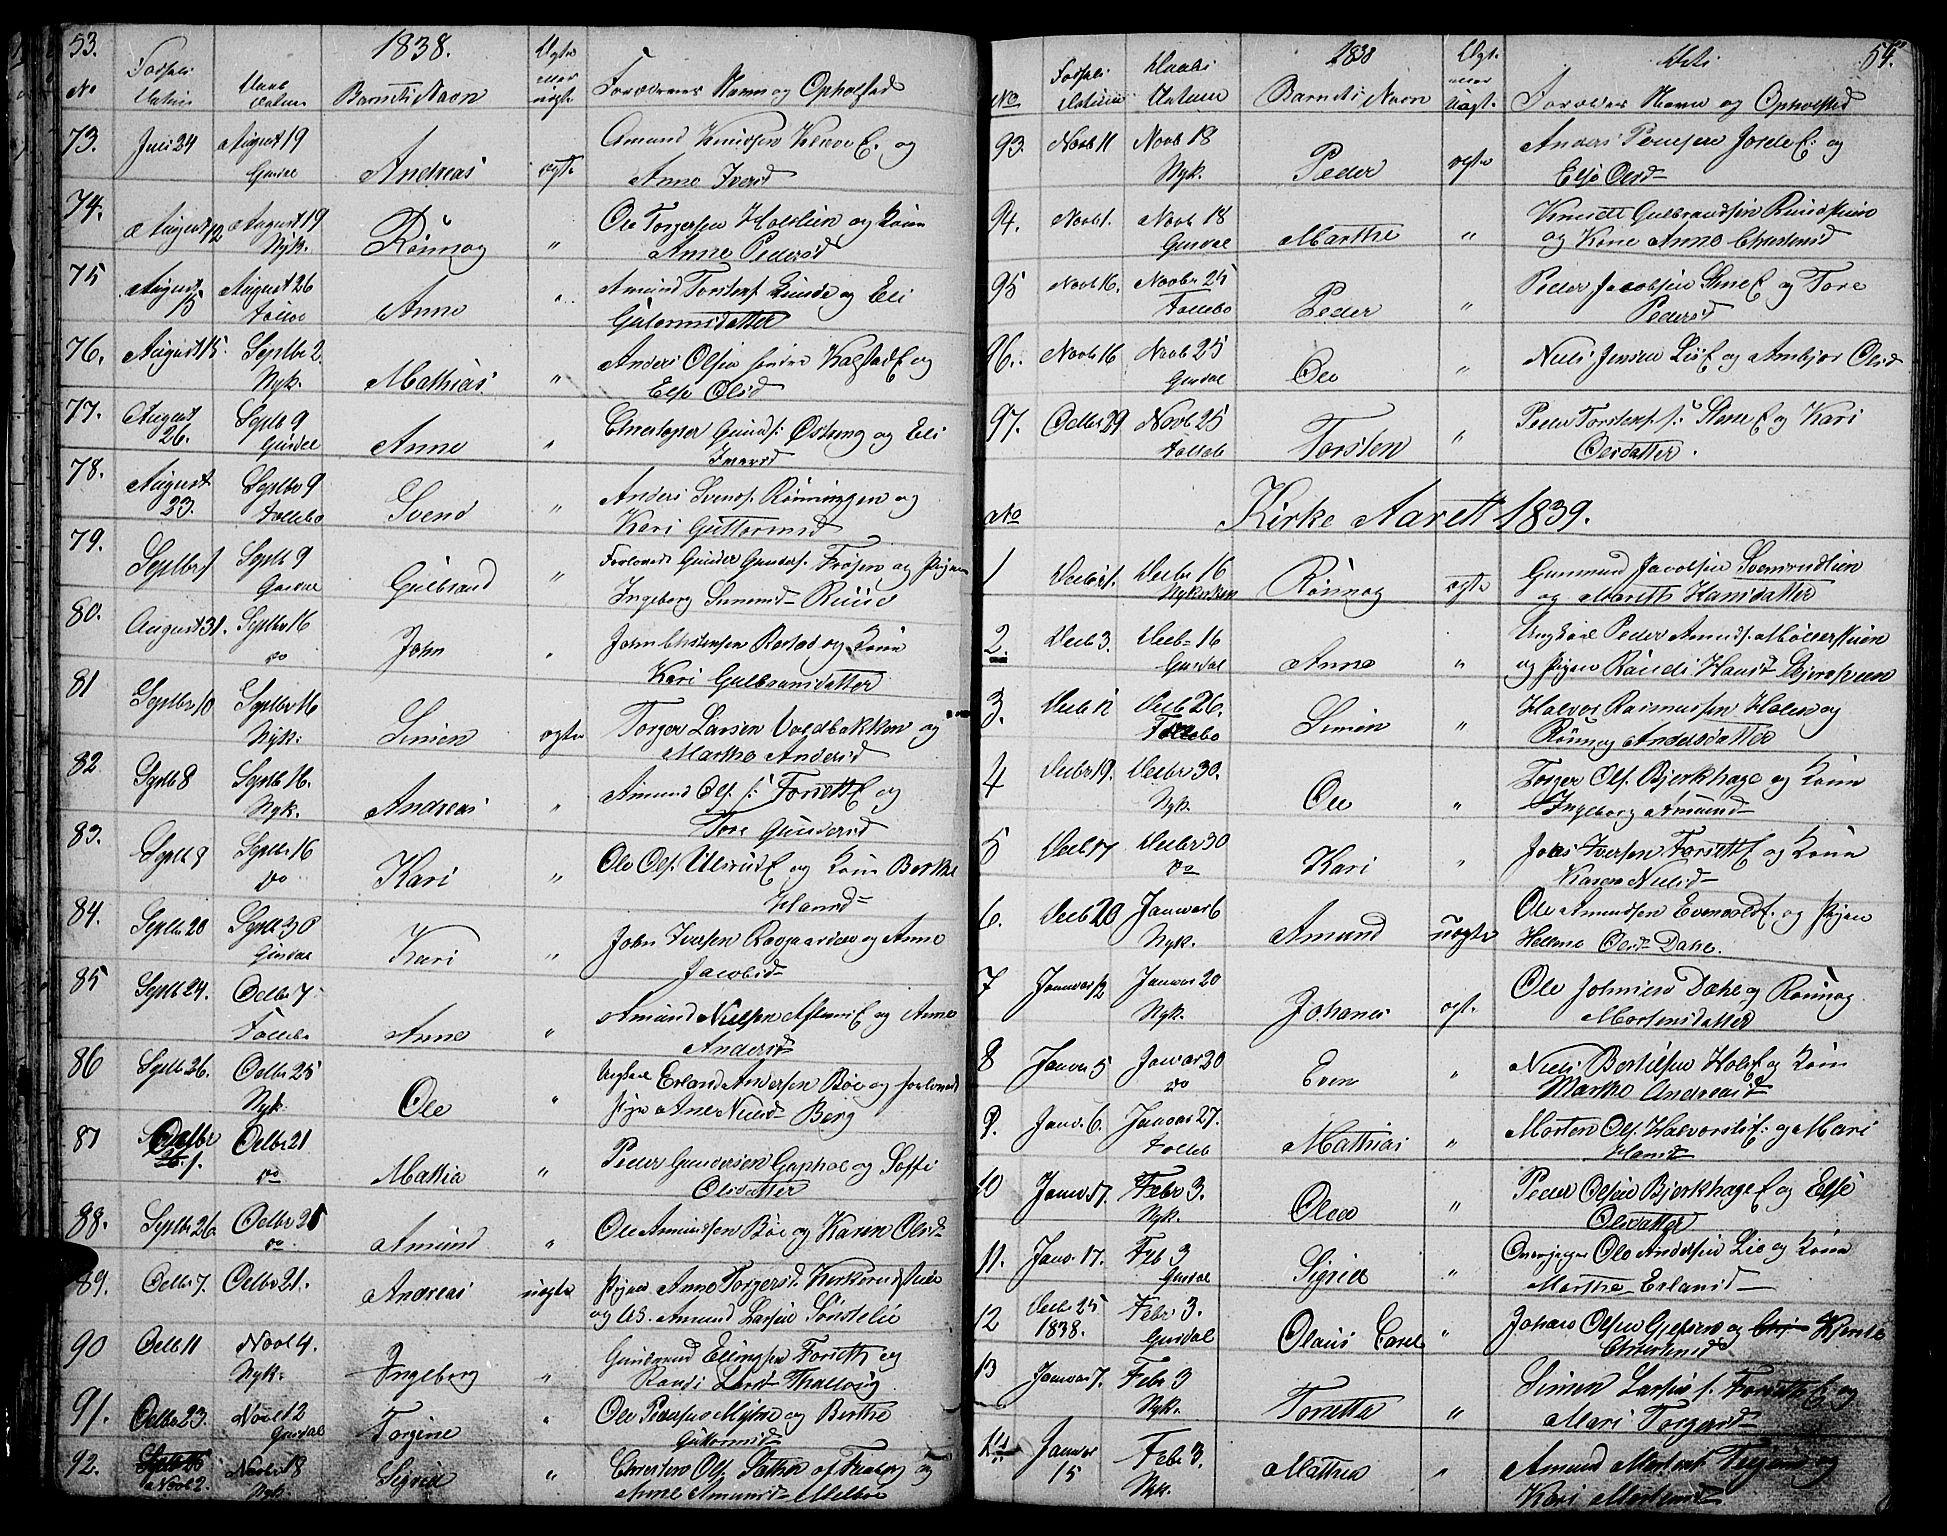 SAH, Gausdal prestekontor, Klokkerbok nr. 3, 1829-1864, s. 53-54